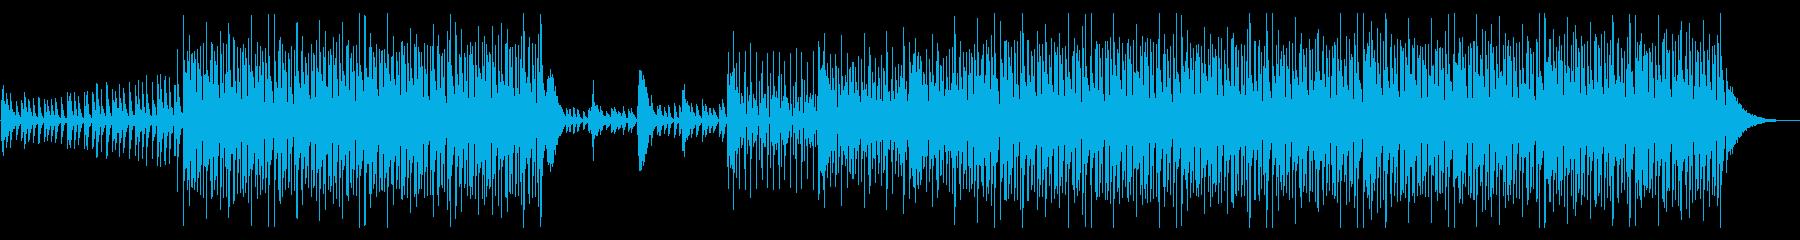 夏の海をイメージしたトロピカルハウスの再生済みの波形